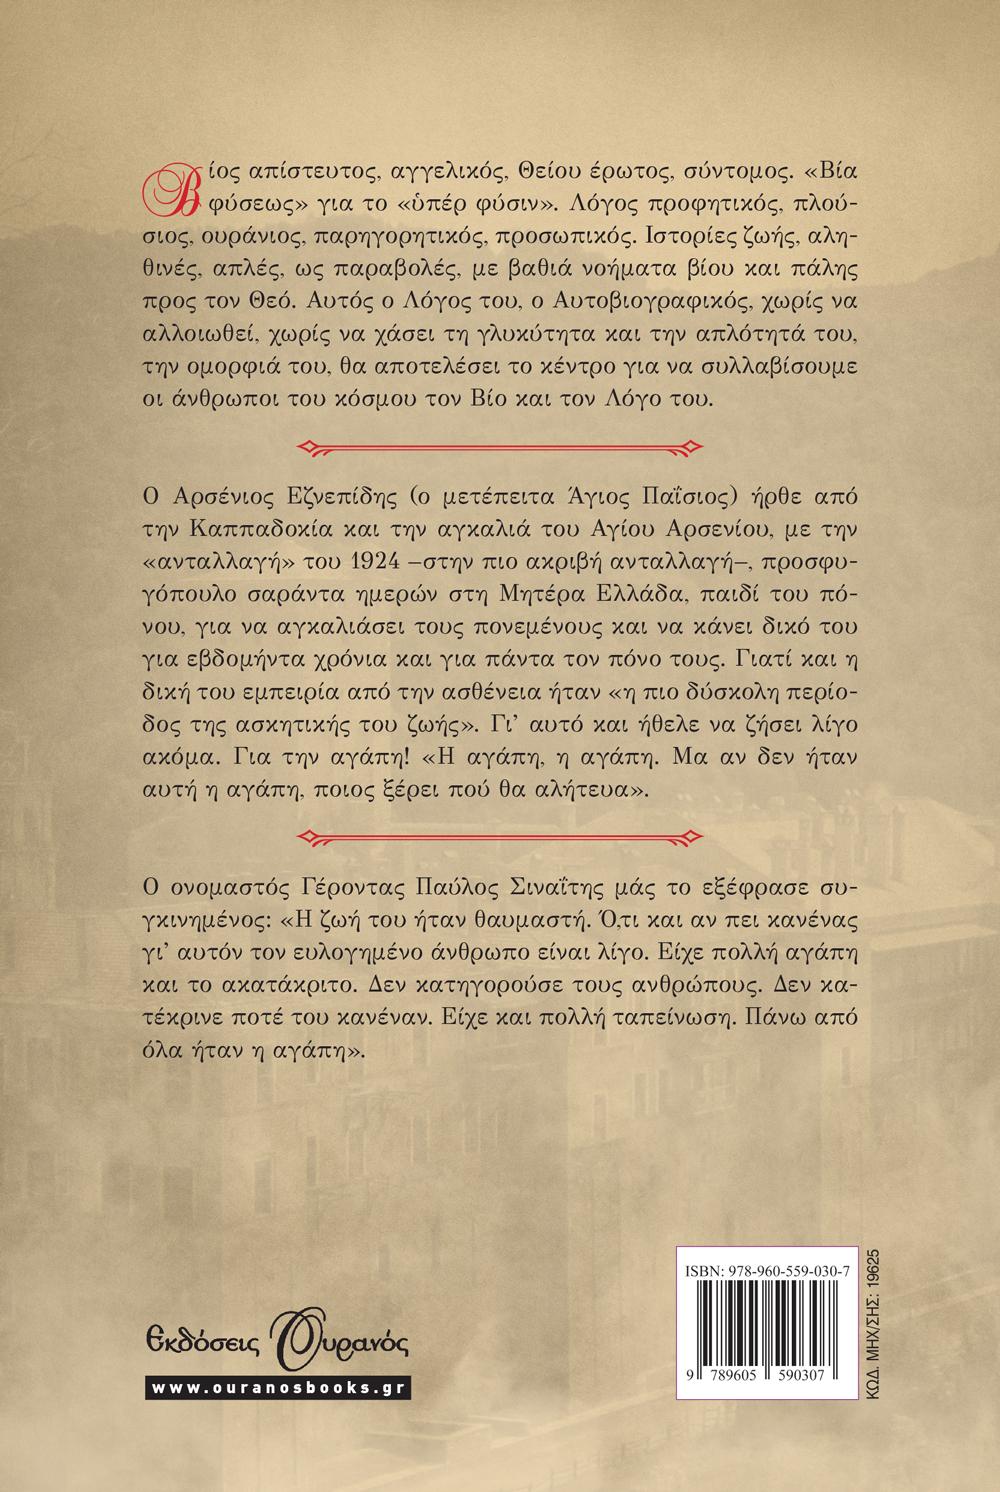 ΑΓΙΟΣ ΠΑΪΣΙΟΣ Ο ΑΓΙΟΡΕΙΤΗΣ. Η ΖΩΗ ΚΑΙ ΤΟ ΕΡΓΟ ΤΟΥ - ΓΕΩΡΓΙΟΣ Ν. ΦΟΥΚΑΔΑΚΗΣ